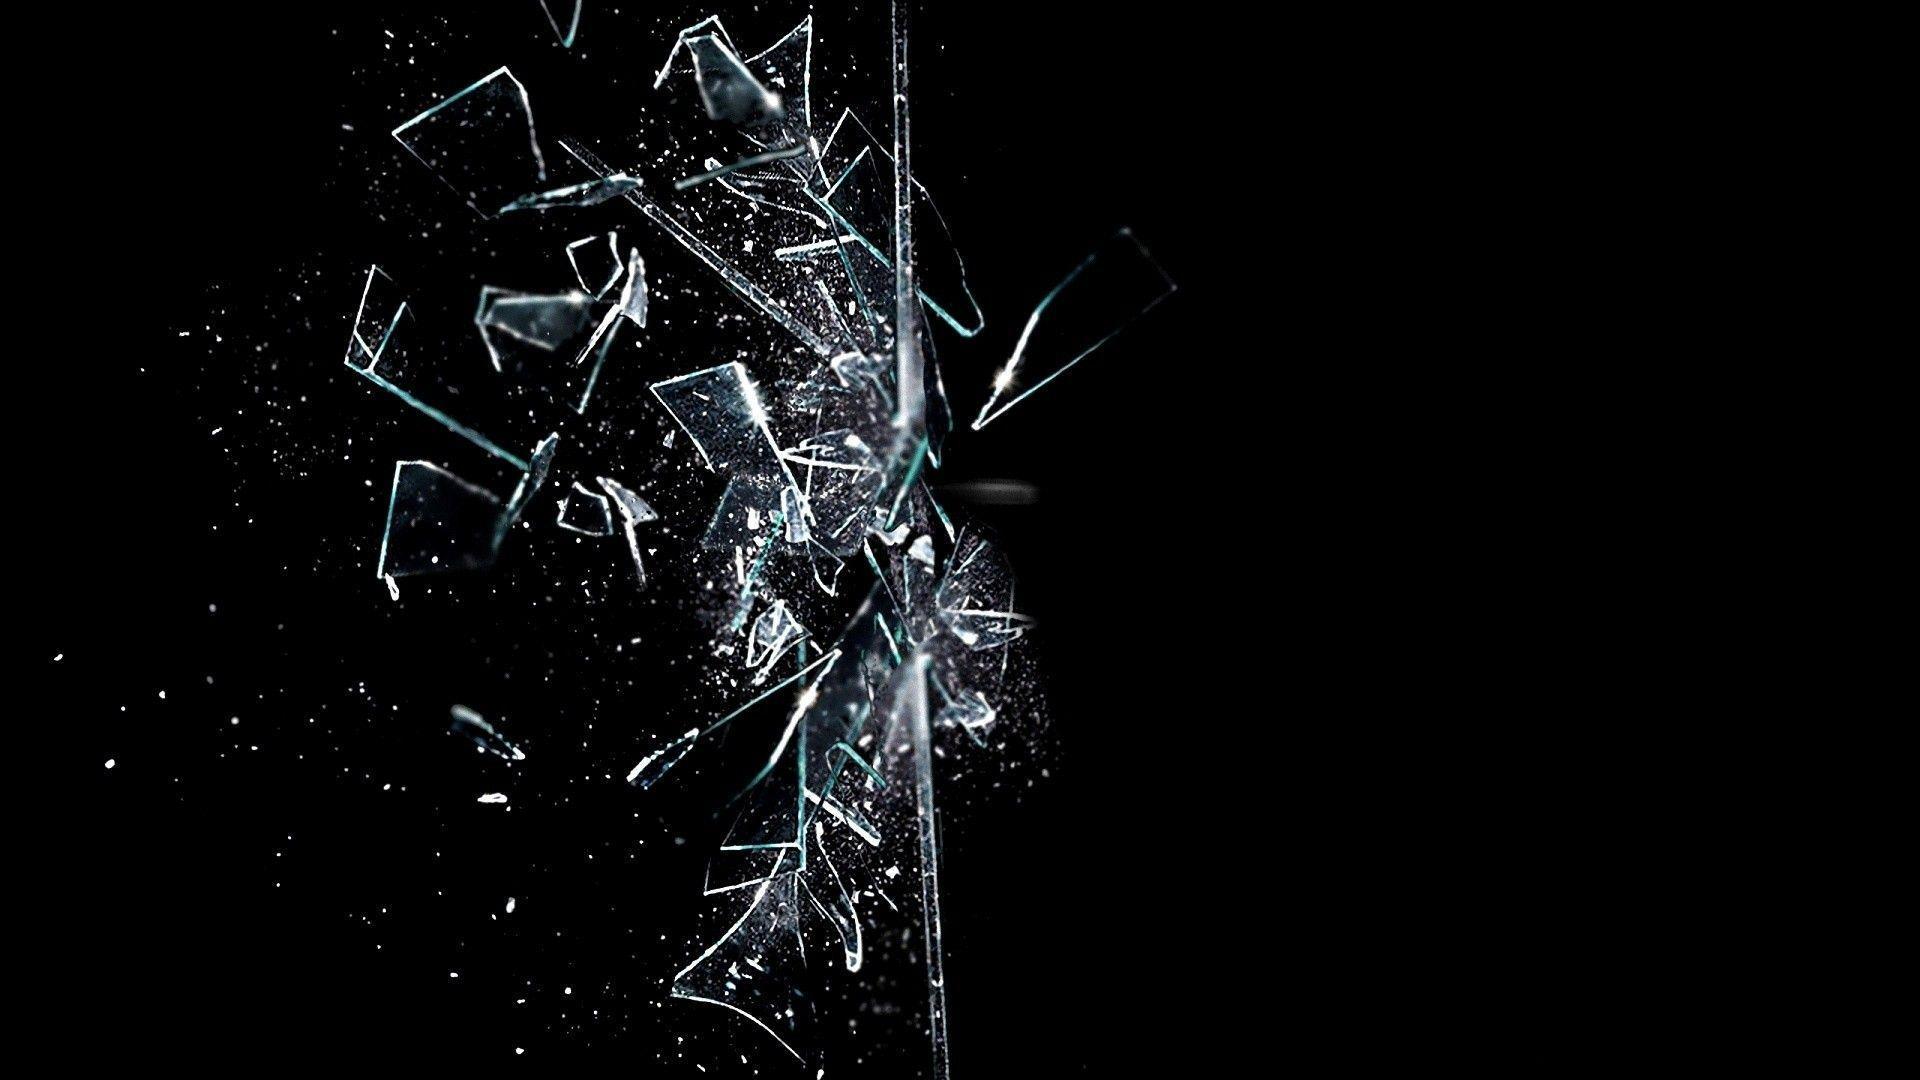 Realistic Broken Screen Wallpapers Top Free Realistic Broken